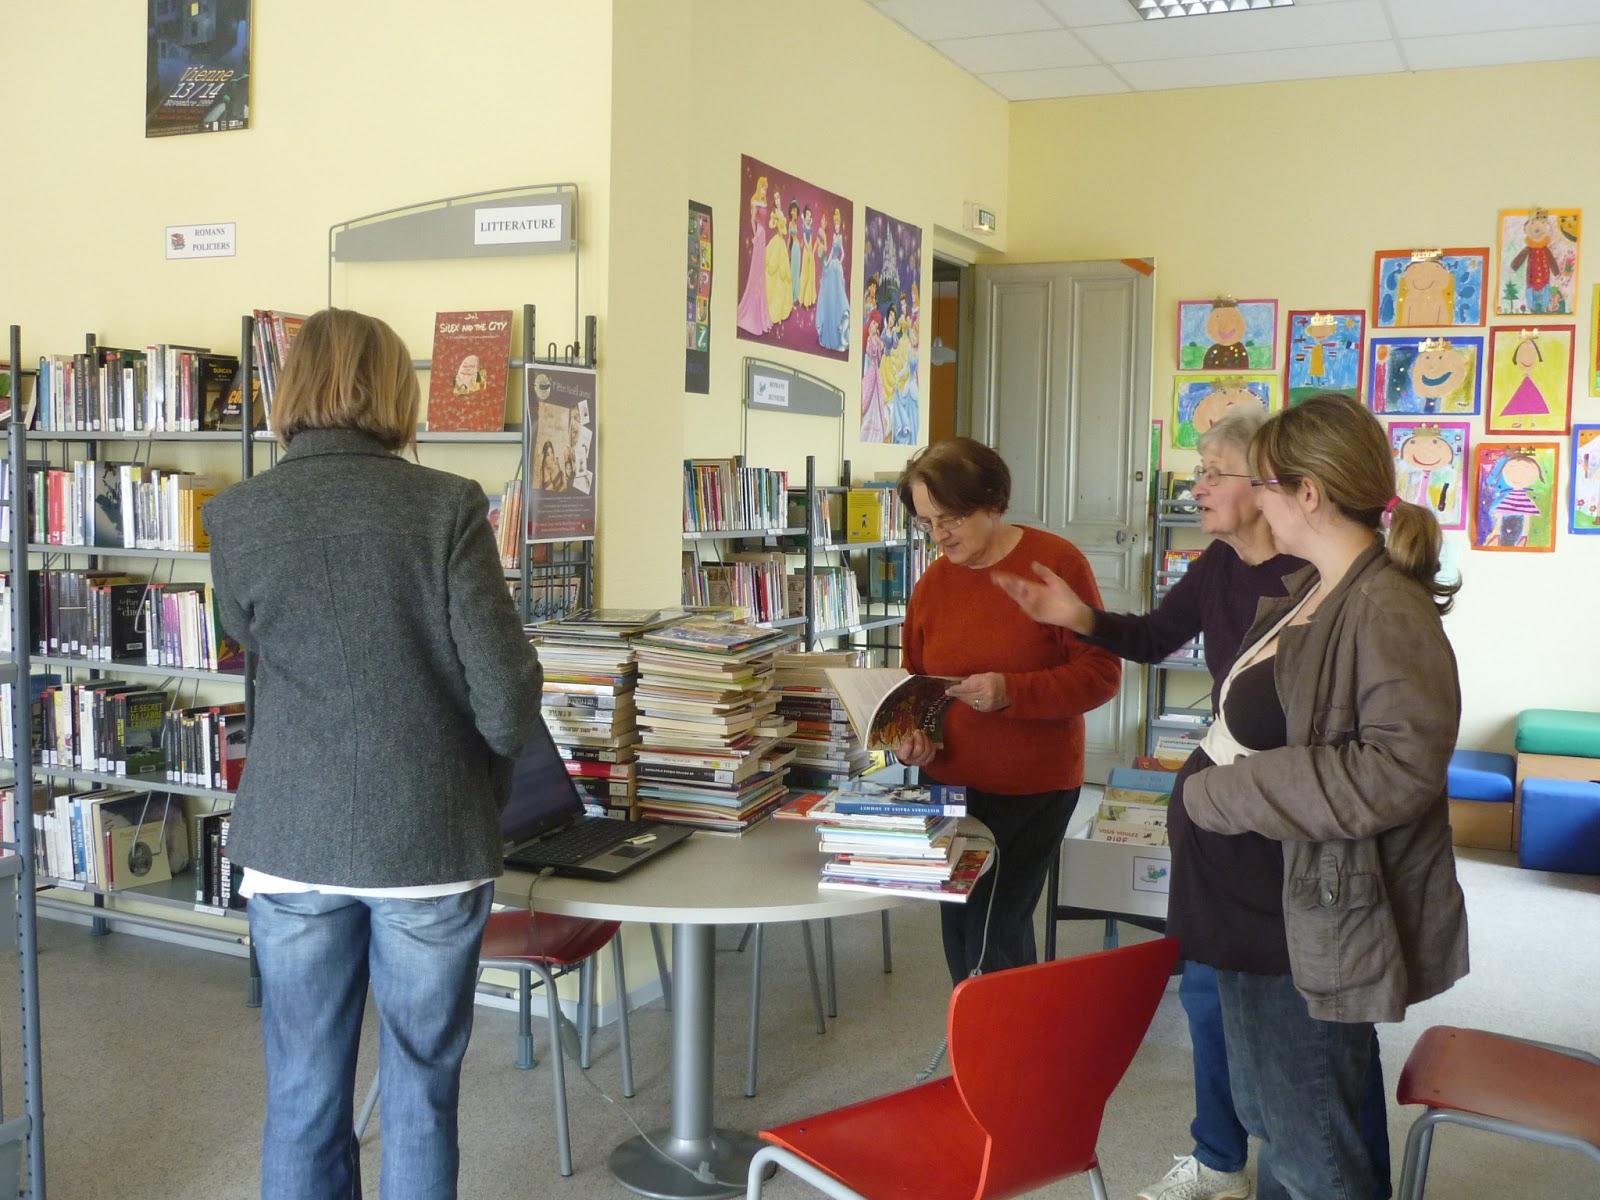 bibliotheque-de-bellegarde-poussieu